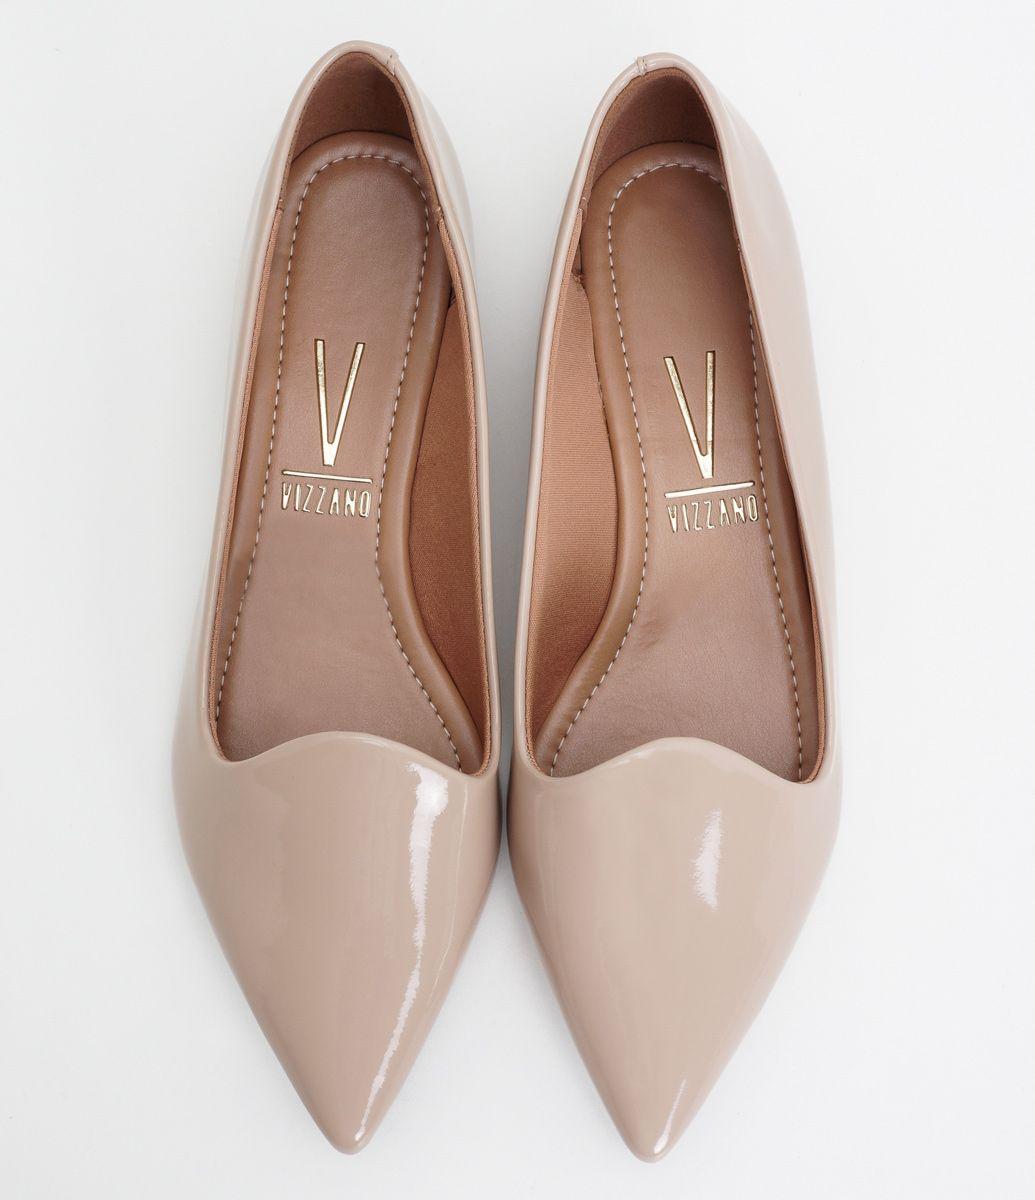 bcc95eac7 Sapatilha feminina Material: sintético Modelo slipper Marca: Vizzano  COLEÇÃO INVERNO 2017 Veja outras opções de sapatilhas femininas.